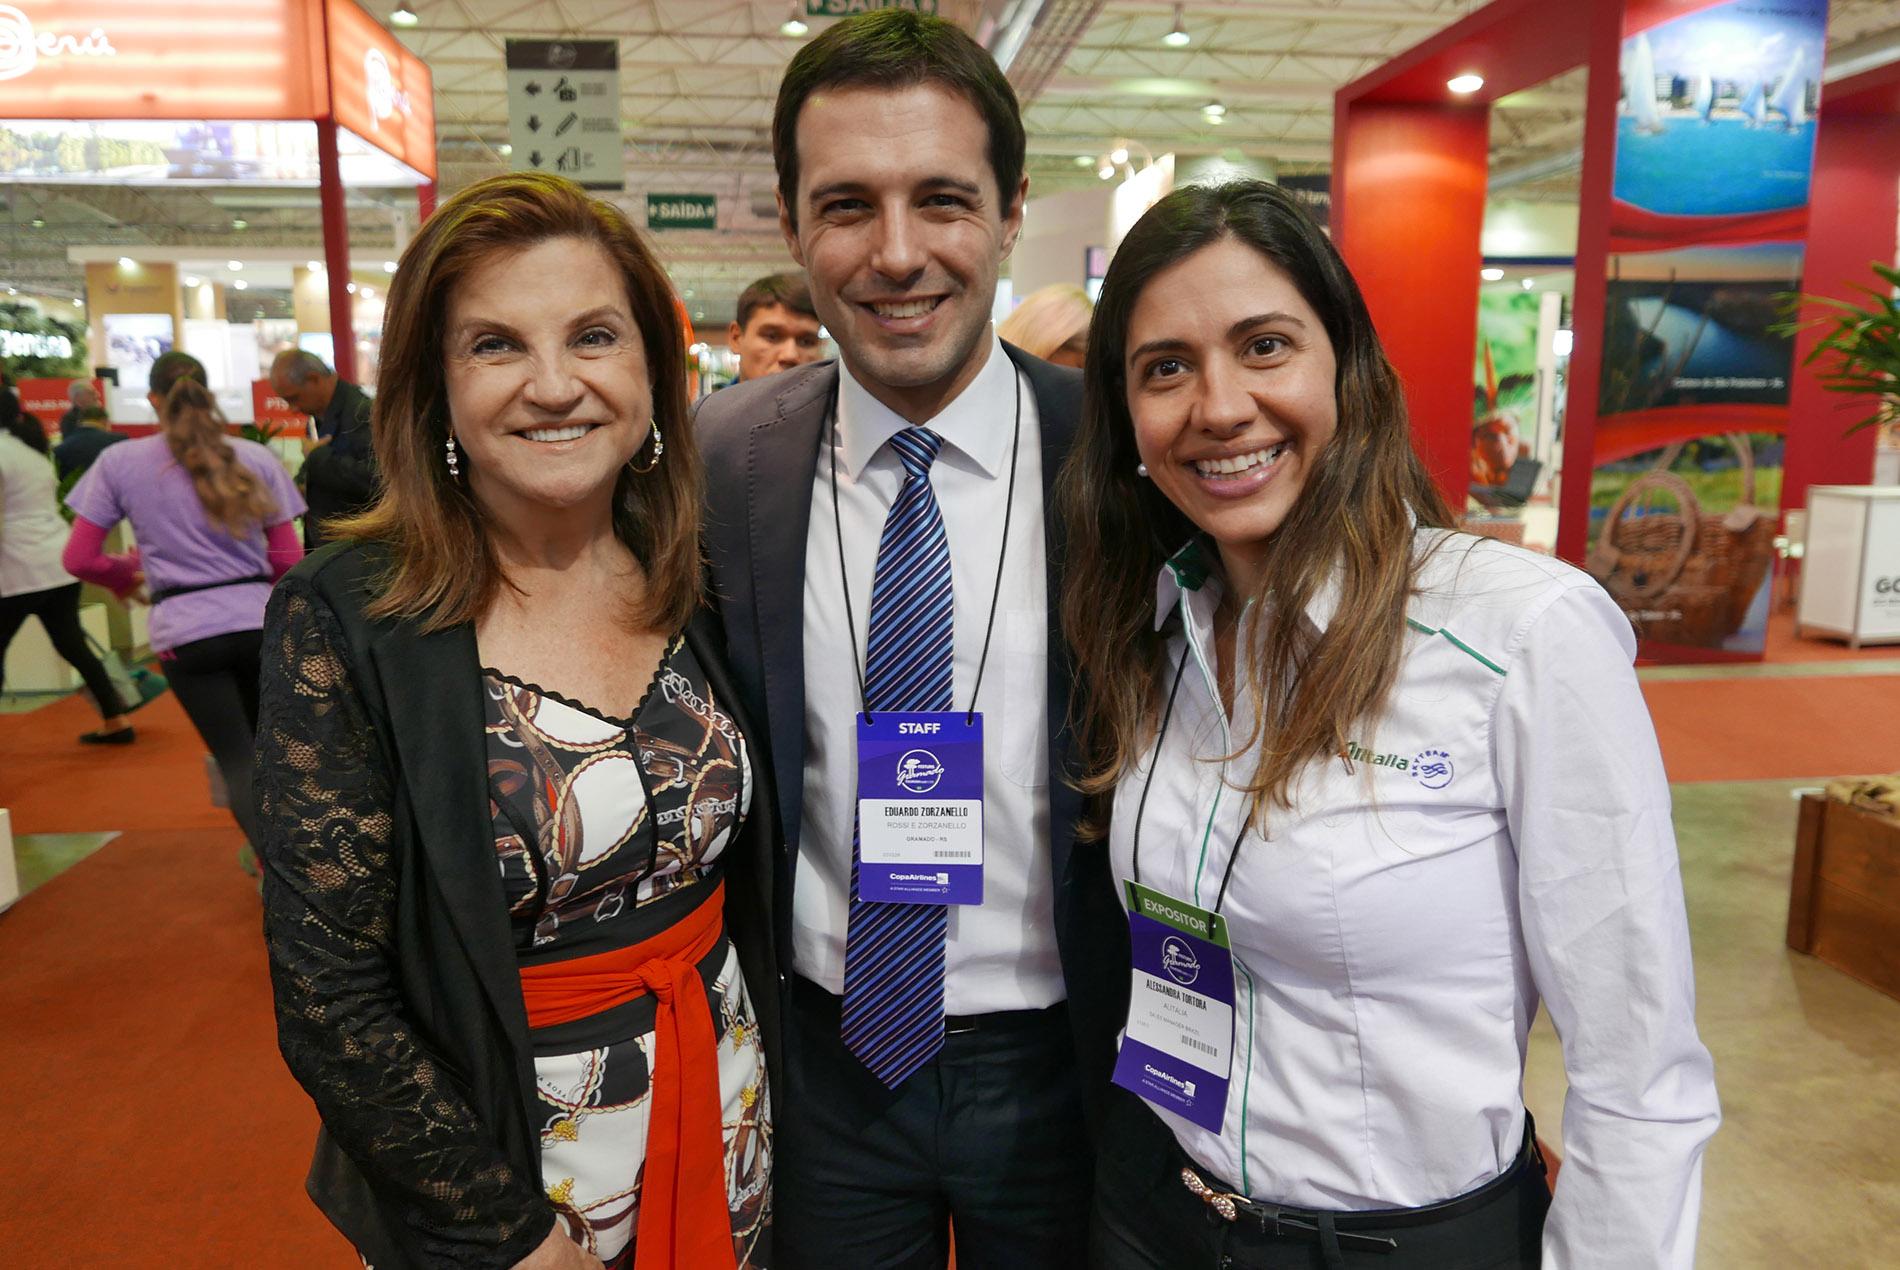 Marta Rossi e Eduardo Zorzanello, diretores do Festuris, com Alessandra Tortola, da Alitalia